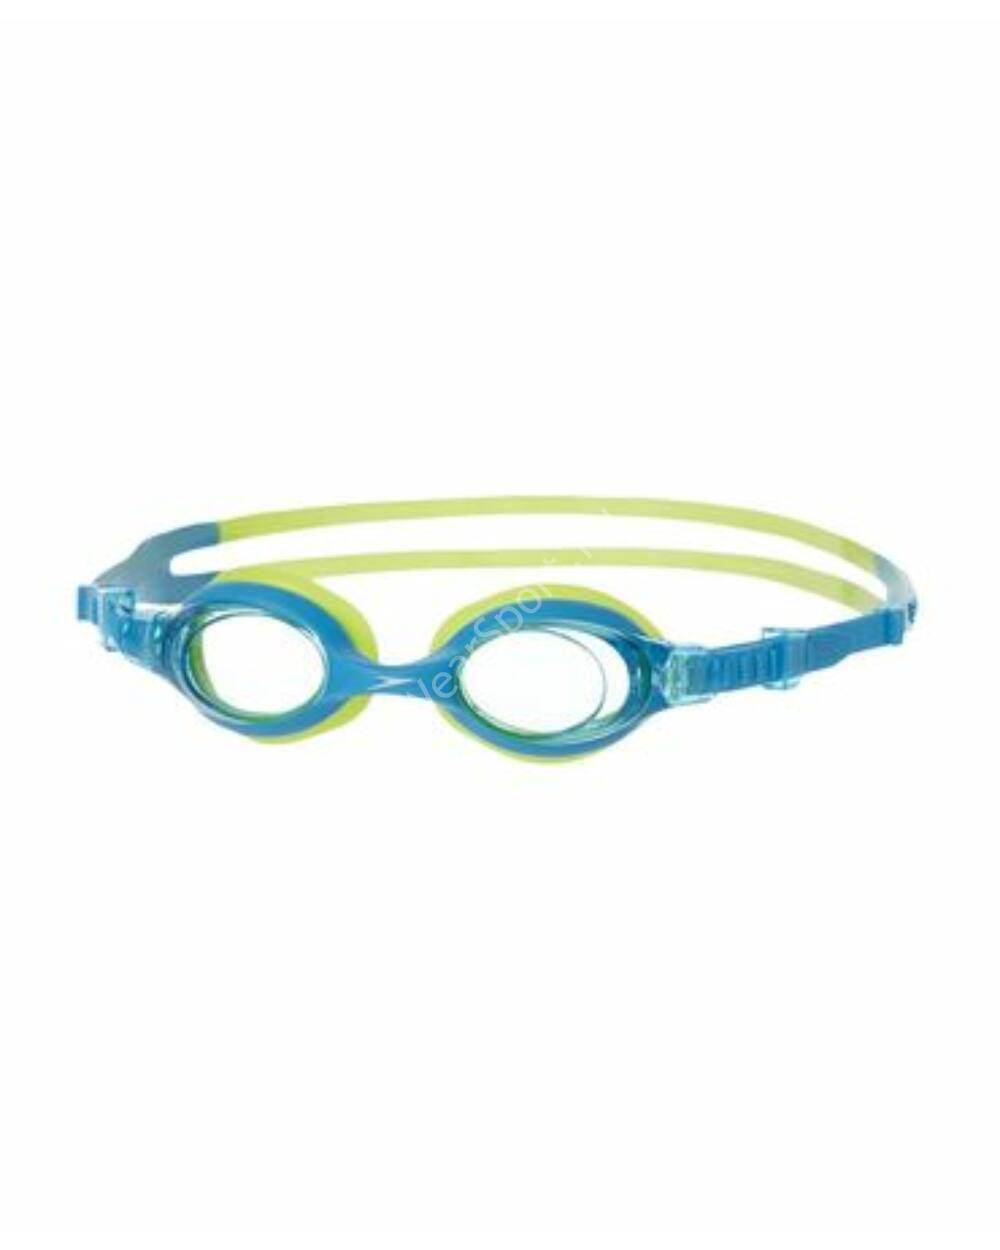 Speedo seasquad skoogle gyermek úszószemüveg 2-6 éves korig, kék-zöld